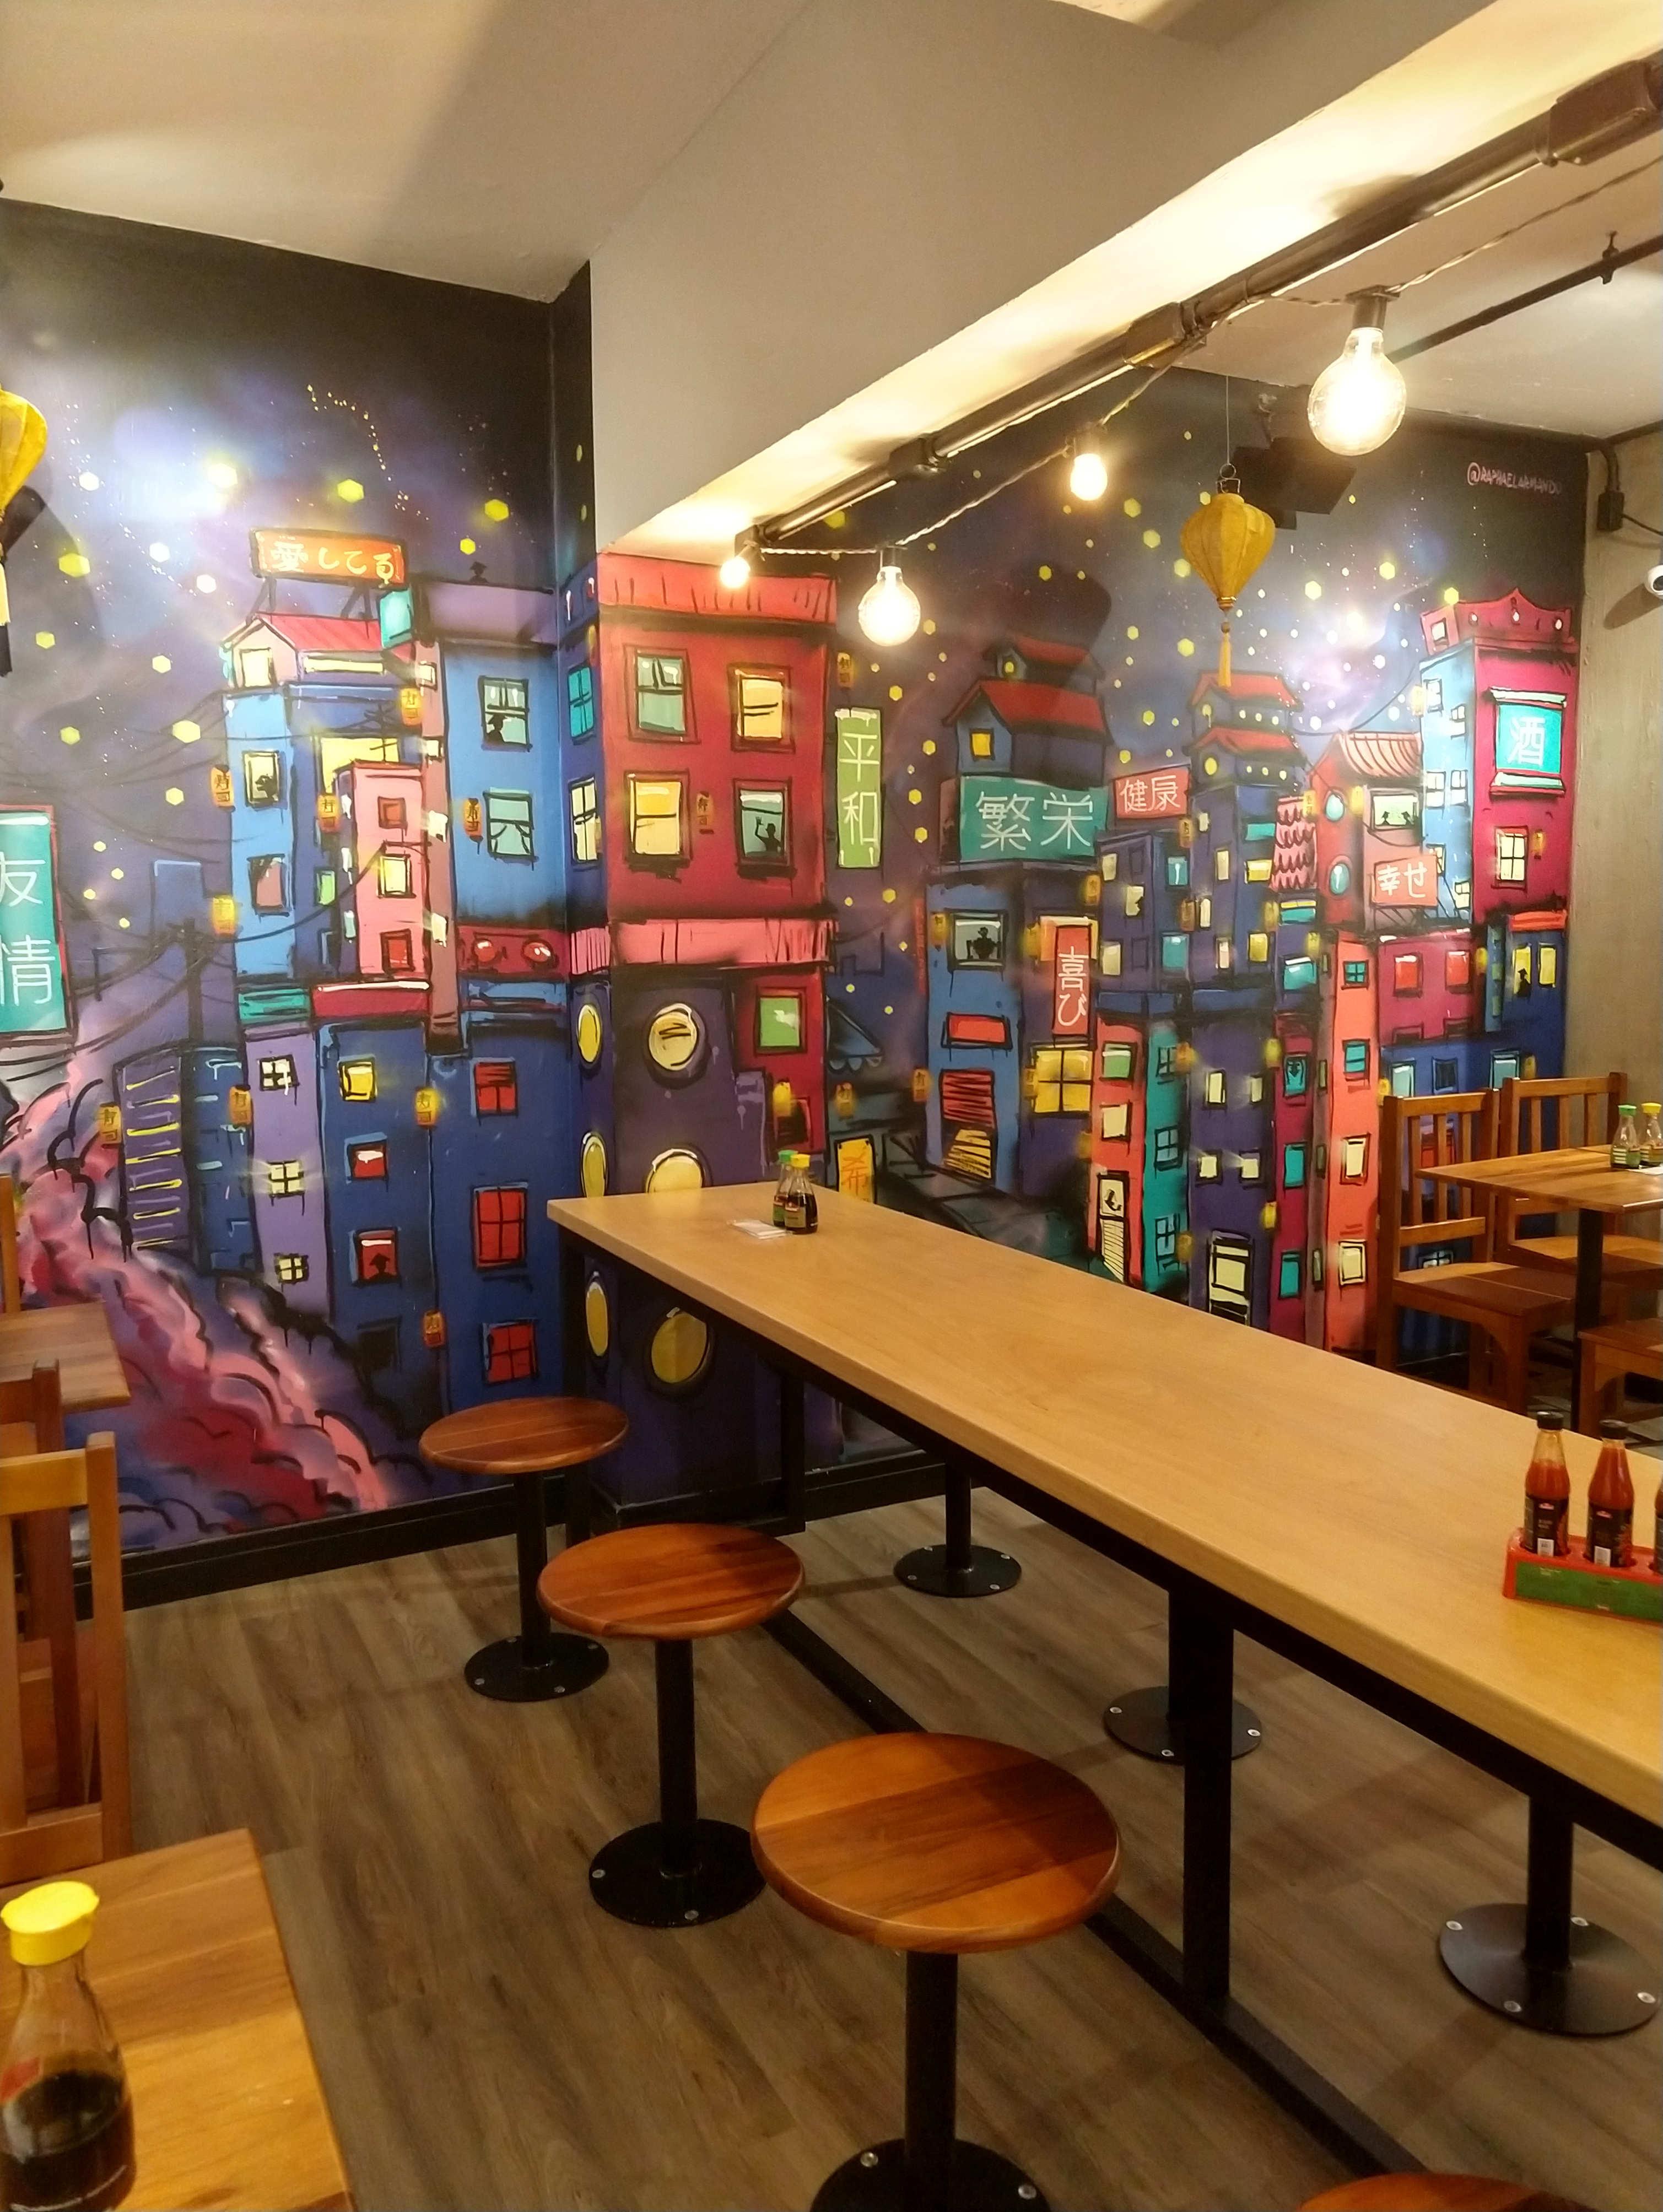 Arte de Raphael Armando - restaurante eat asia raphael armando